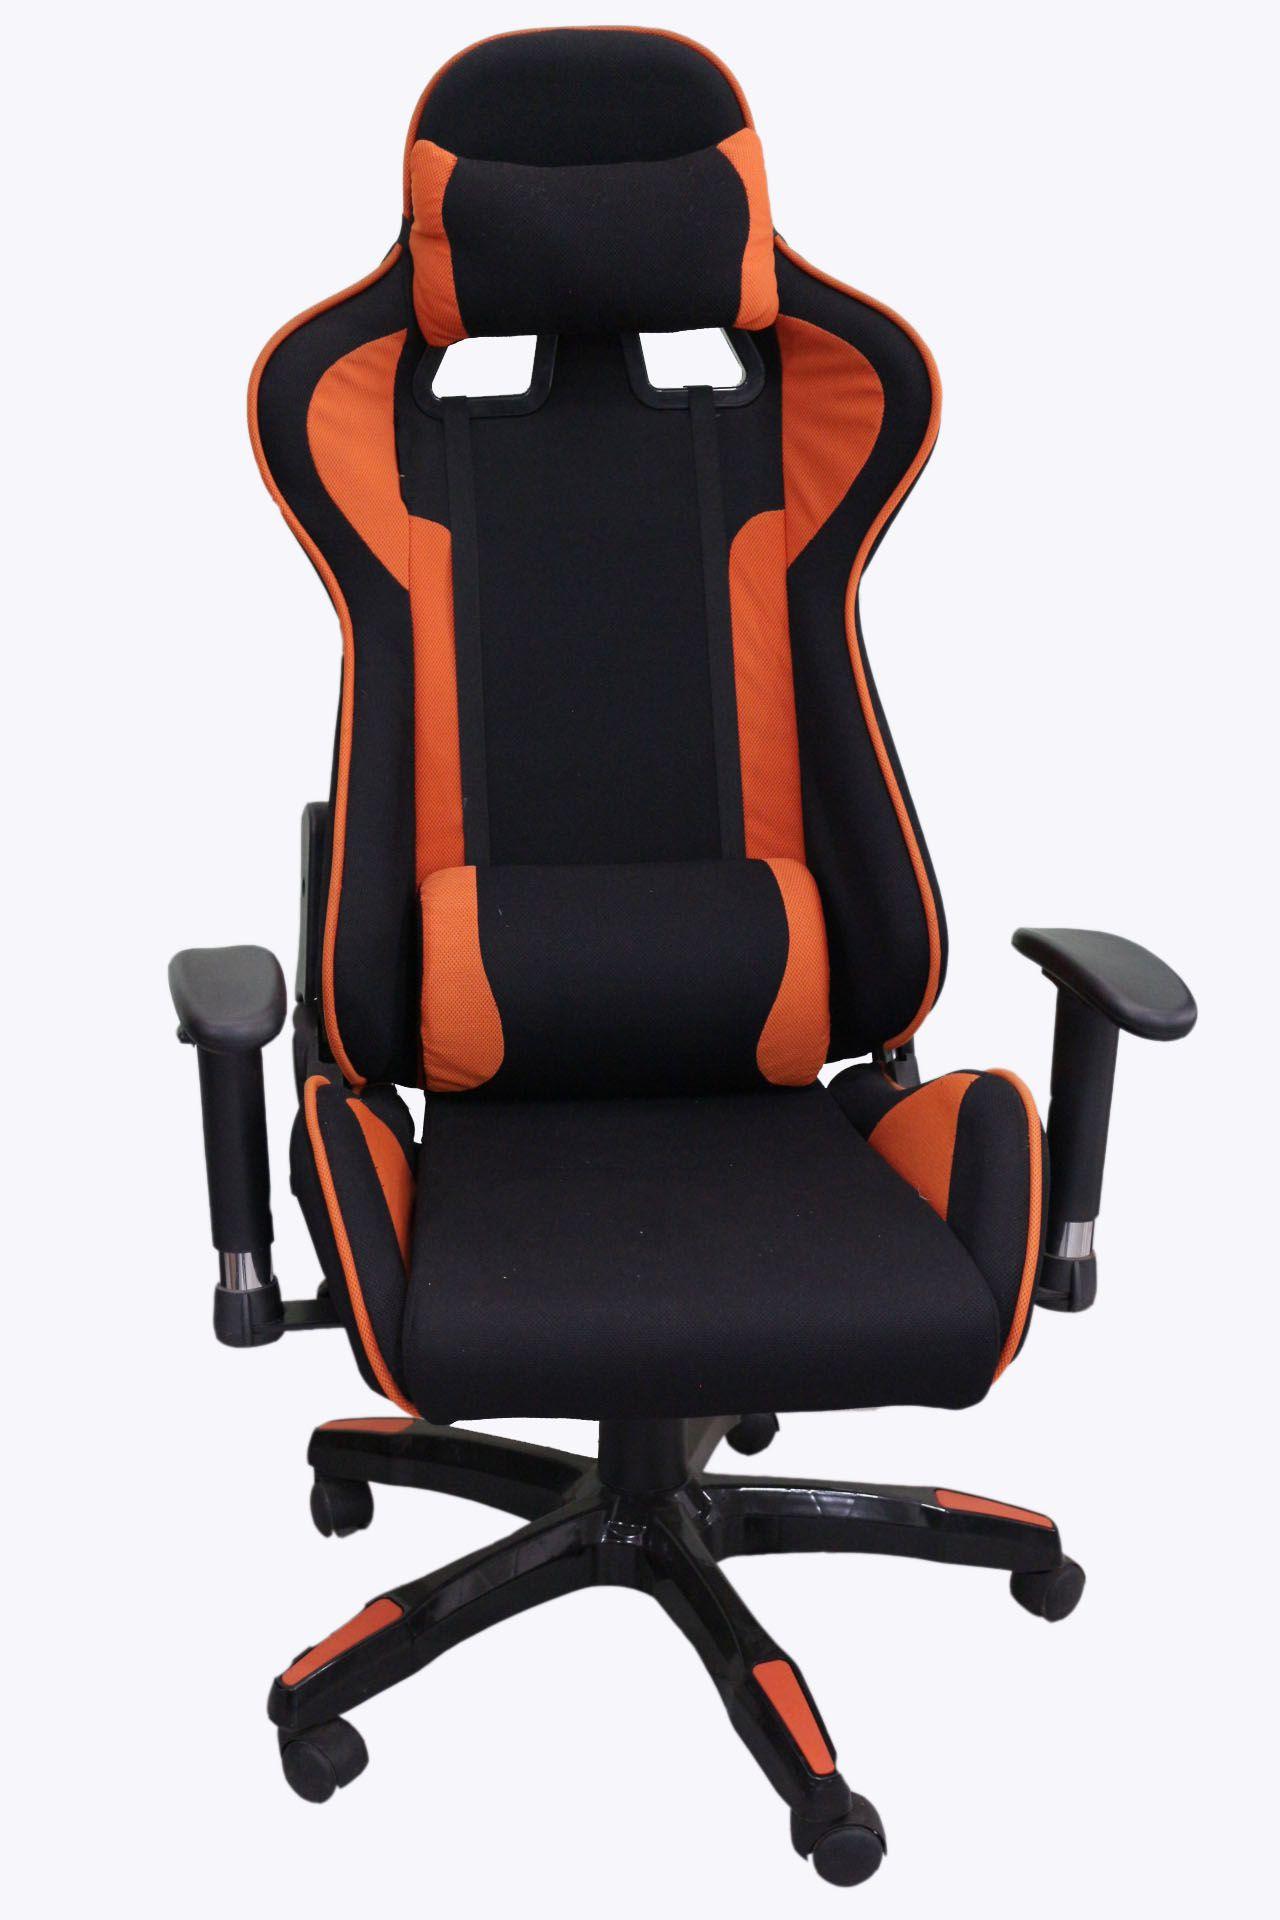 Cadeira Gamer MK 2040v COD 312 - SUPER PROMOÇÃO OBS: CADEIRA DE MOSTRUÁRIO